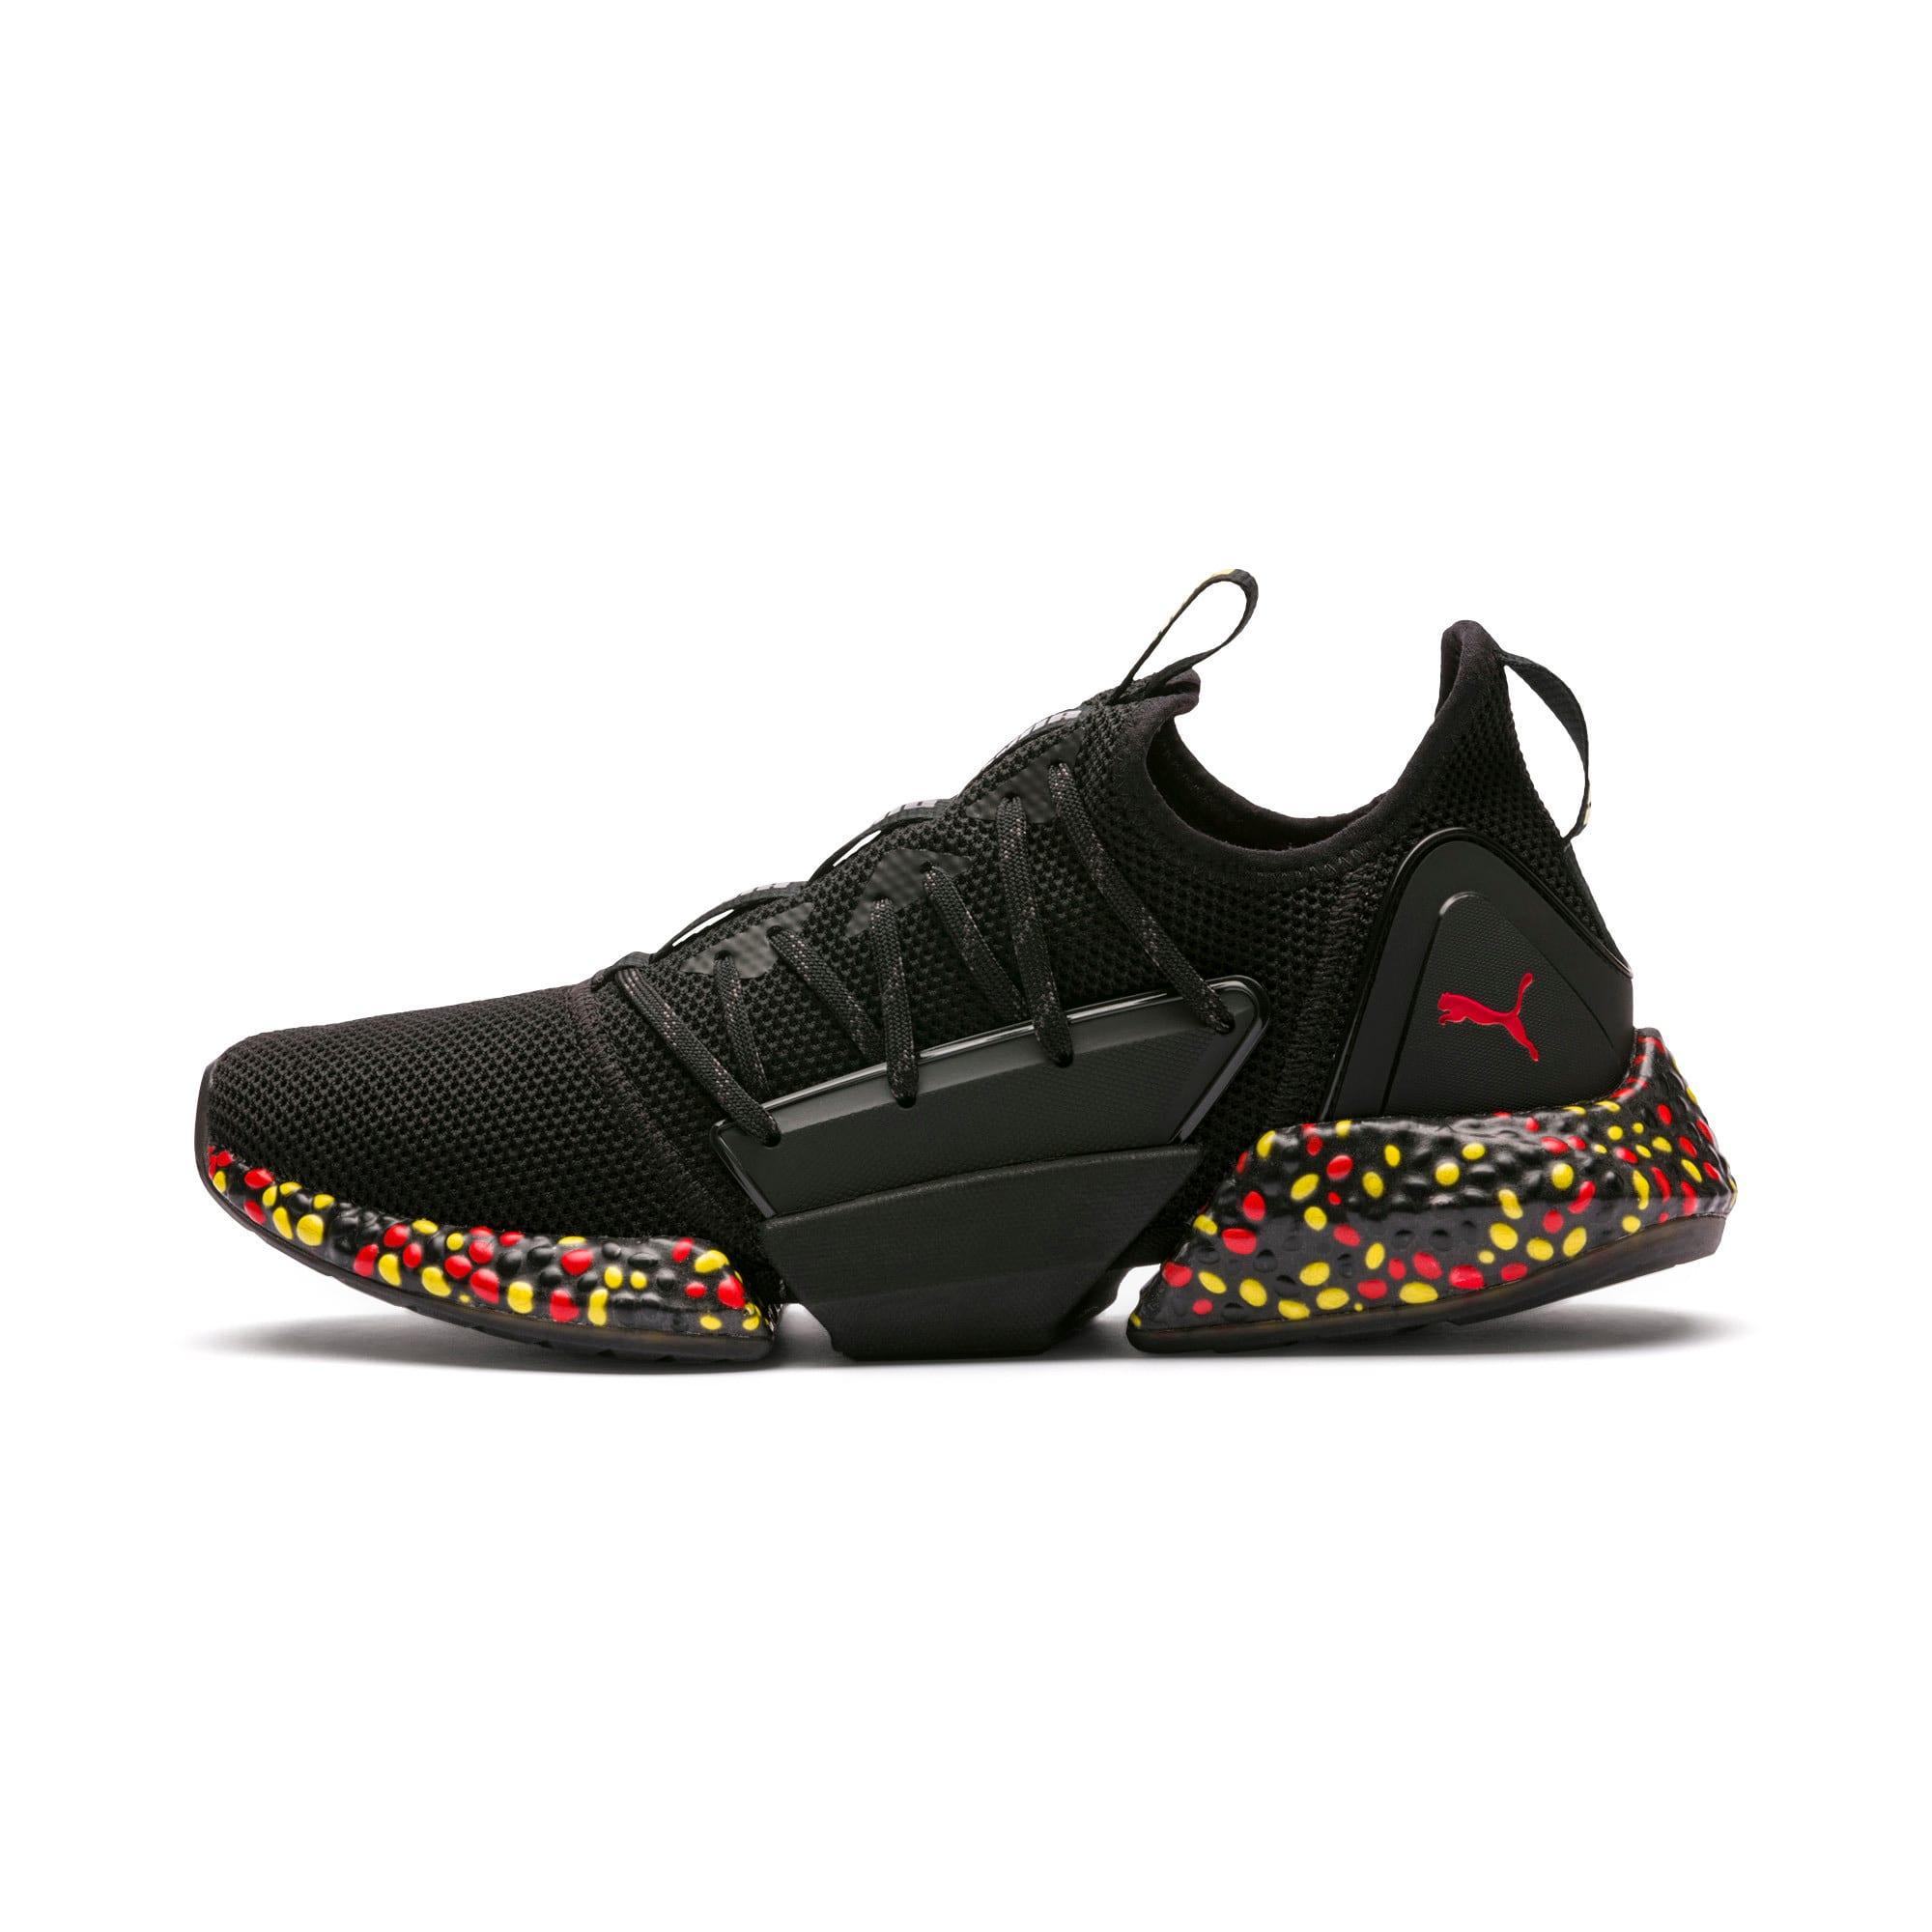 Miniaturka 1 Męskie buty do biegania Hybrid Rocket Runner, Kolor Black-Blazing Yellow-Red, średnie